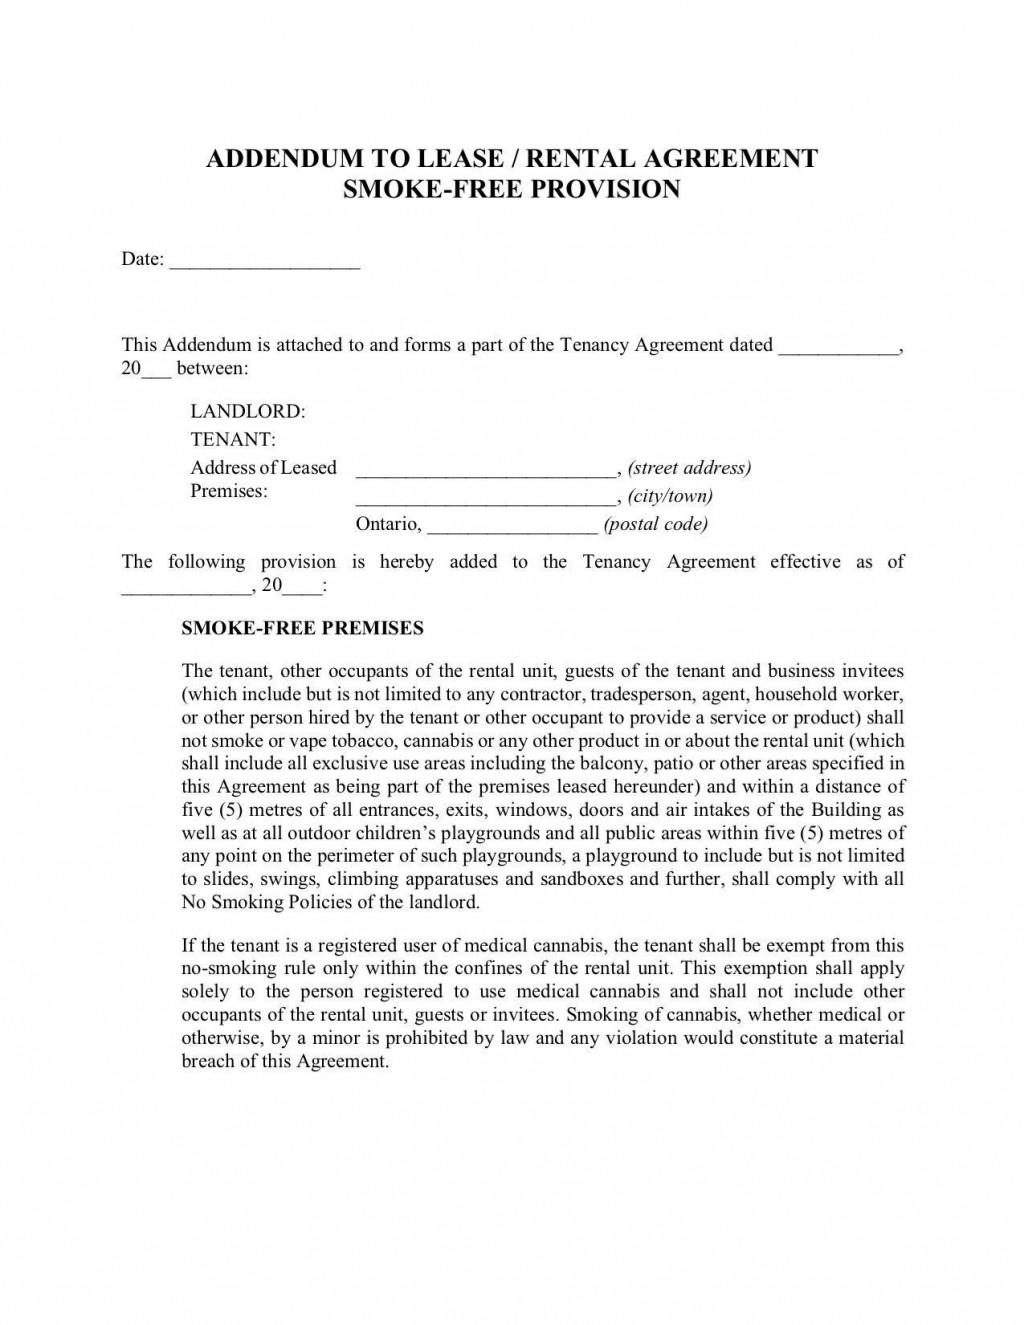 000 Remarkable Addendum Form For Rental Agreement Photo Large